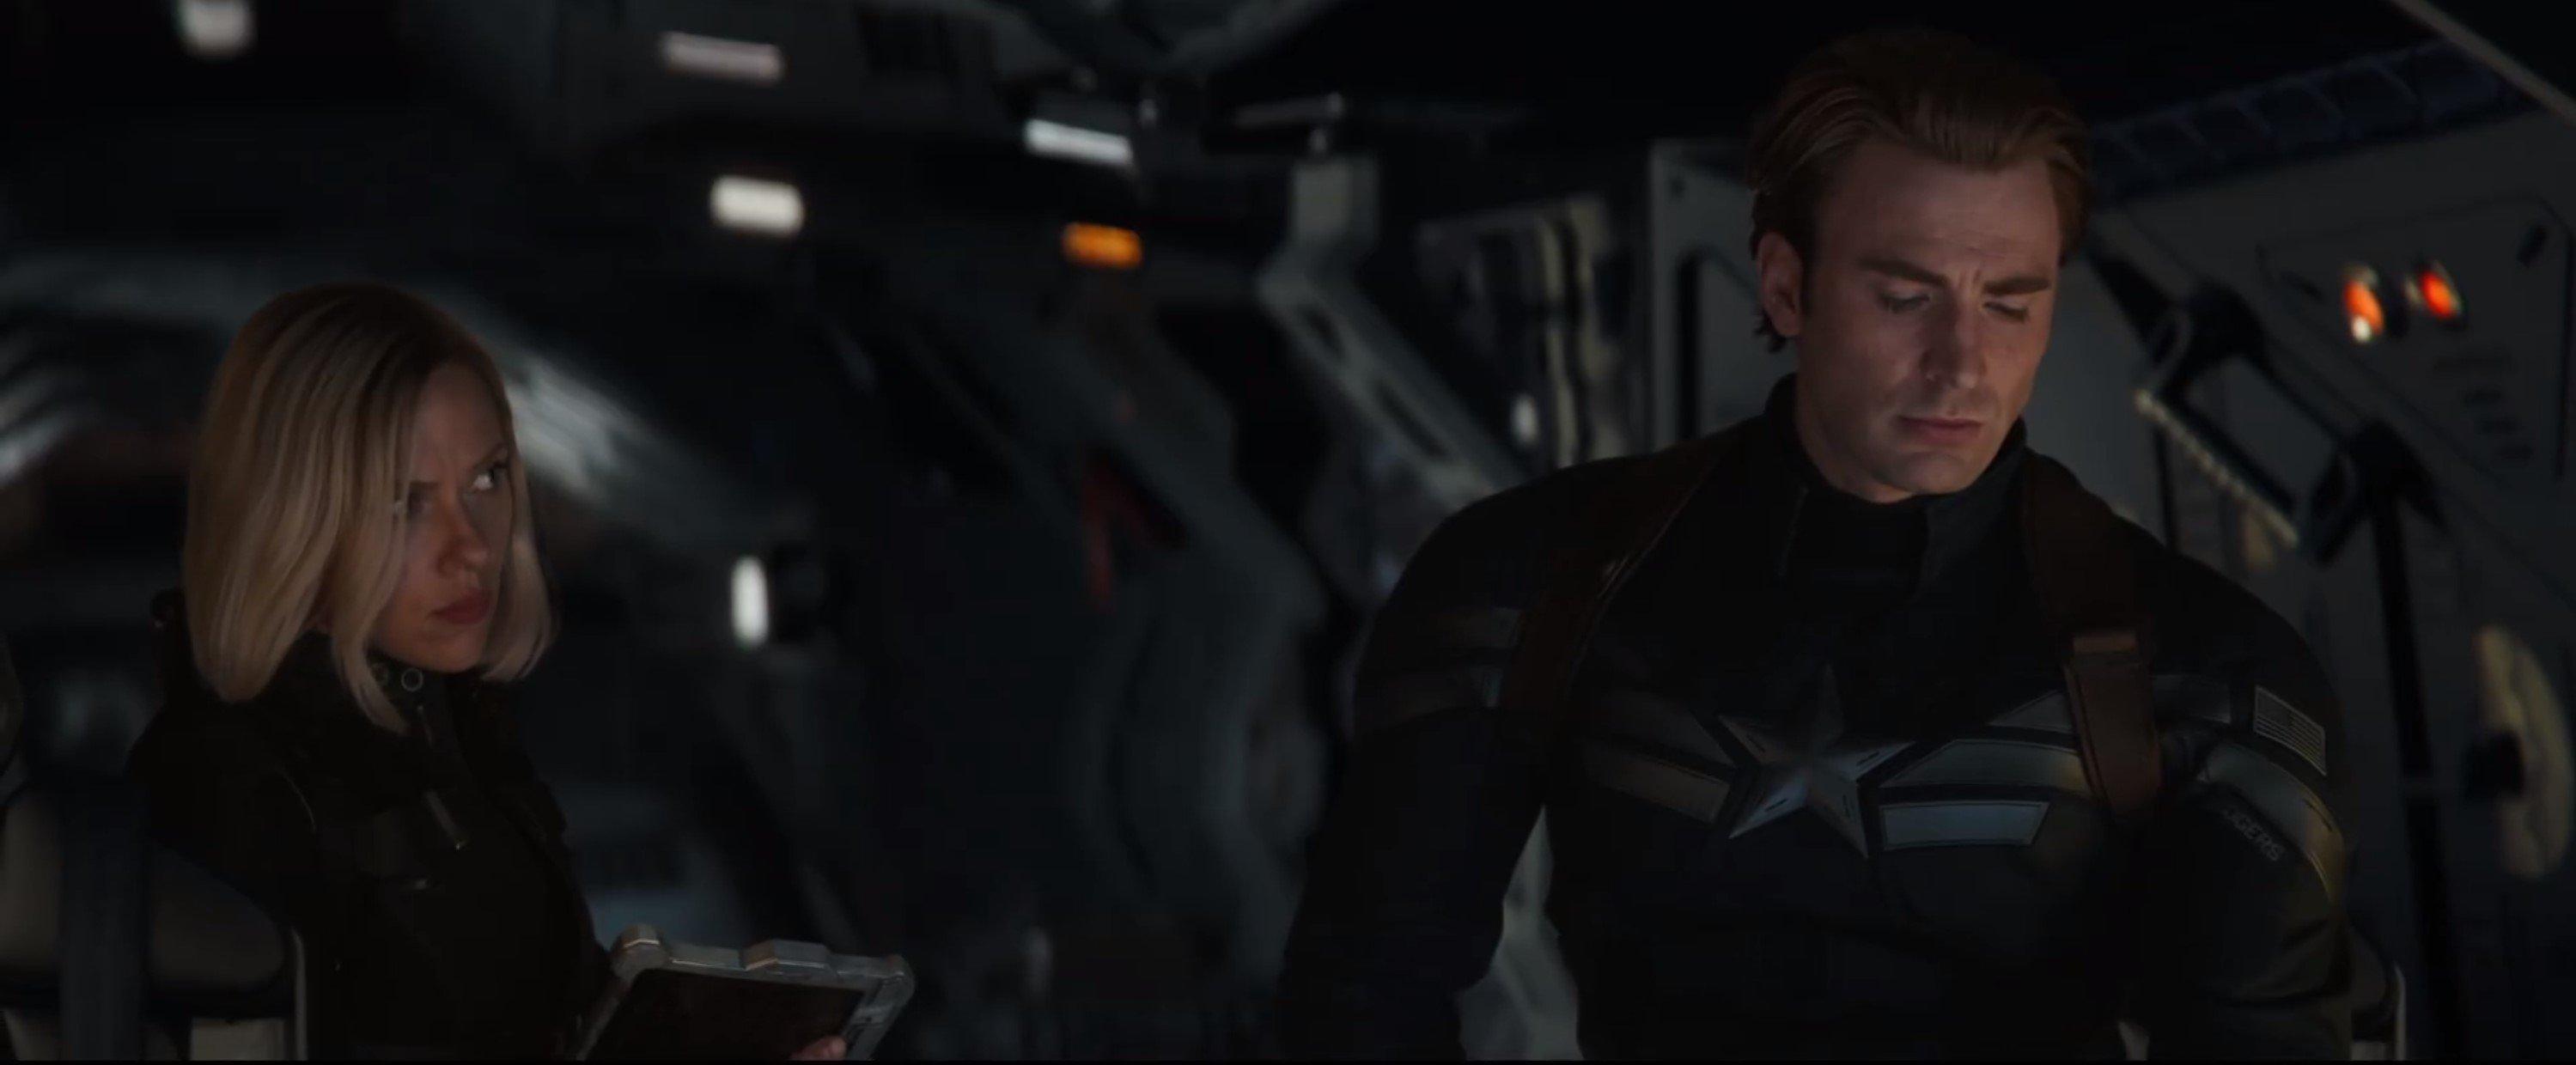 Мстители: Финал. Капитан Америка и Черная Вдова